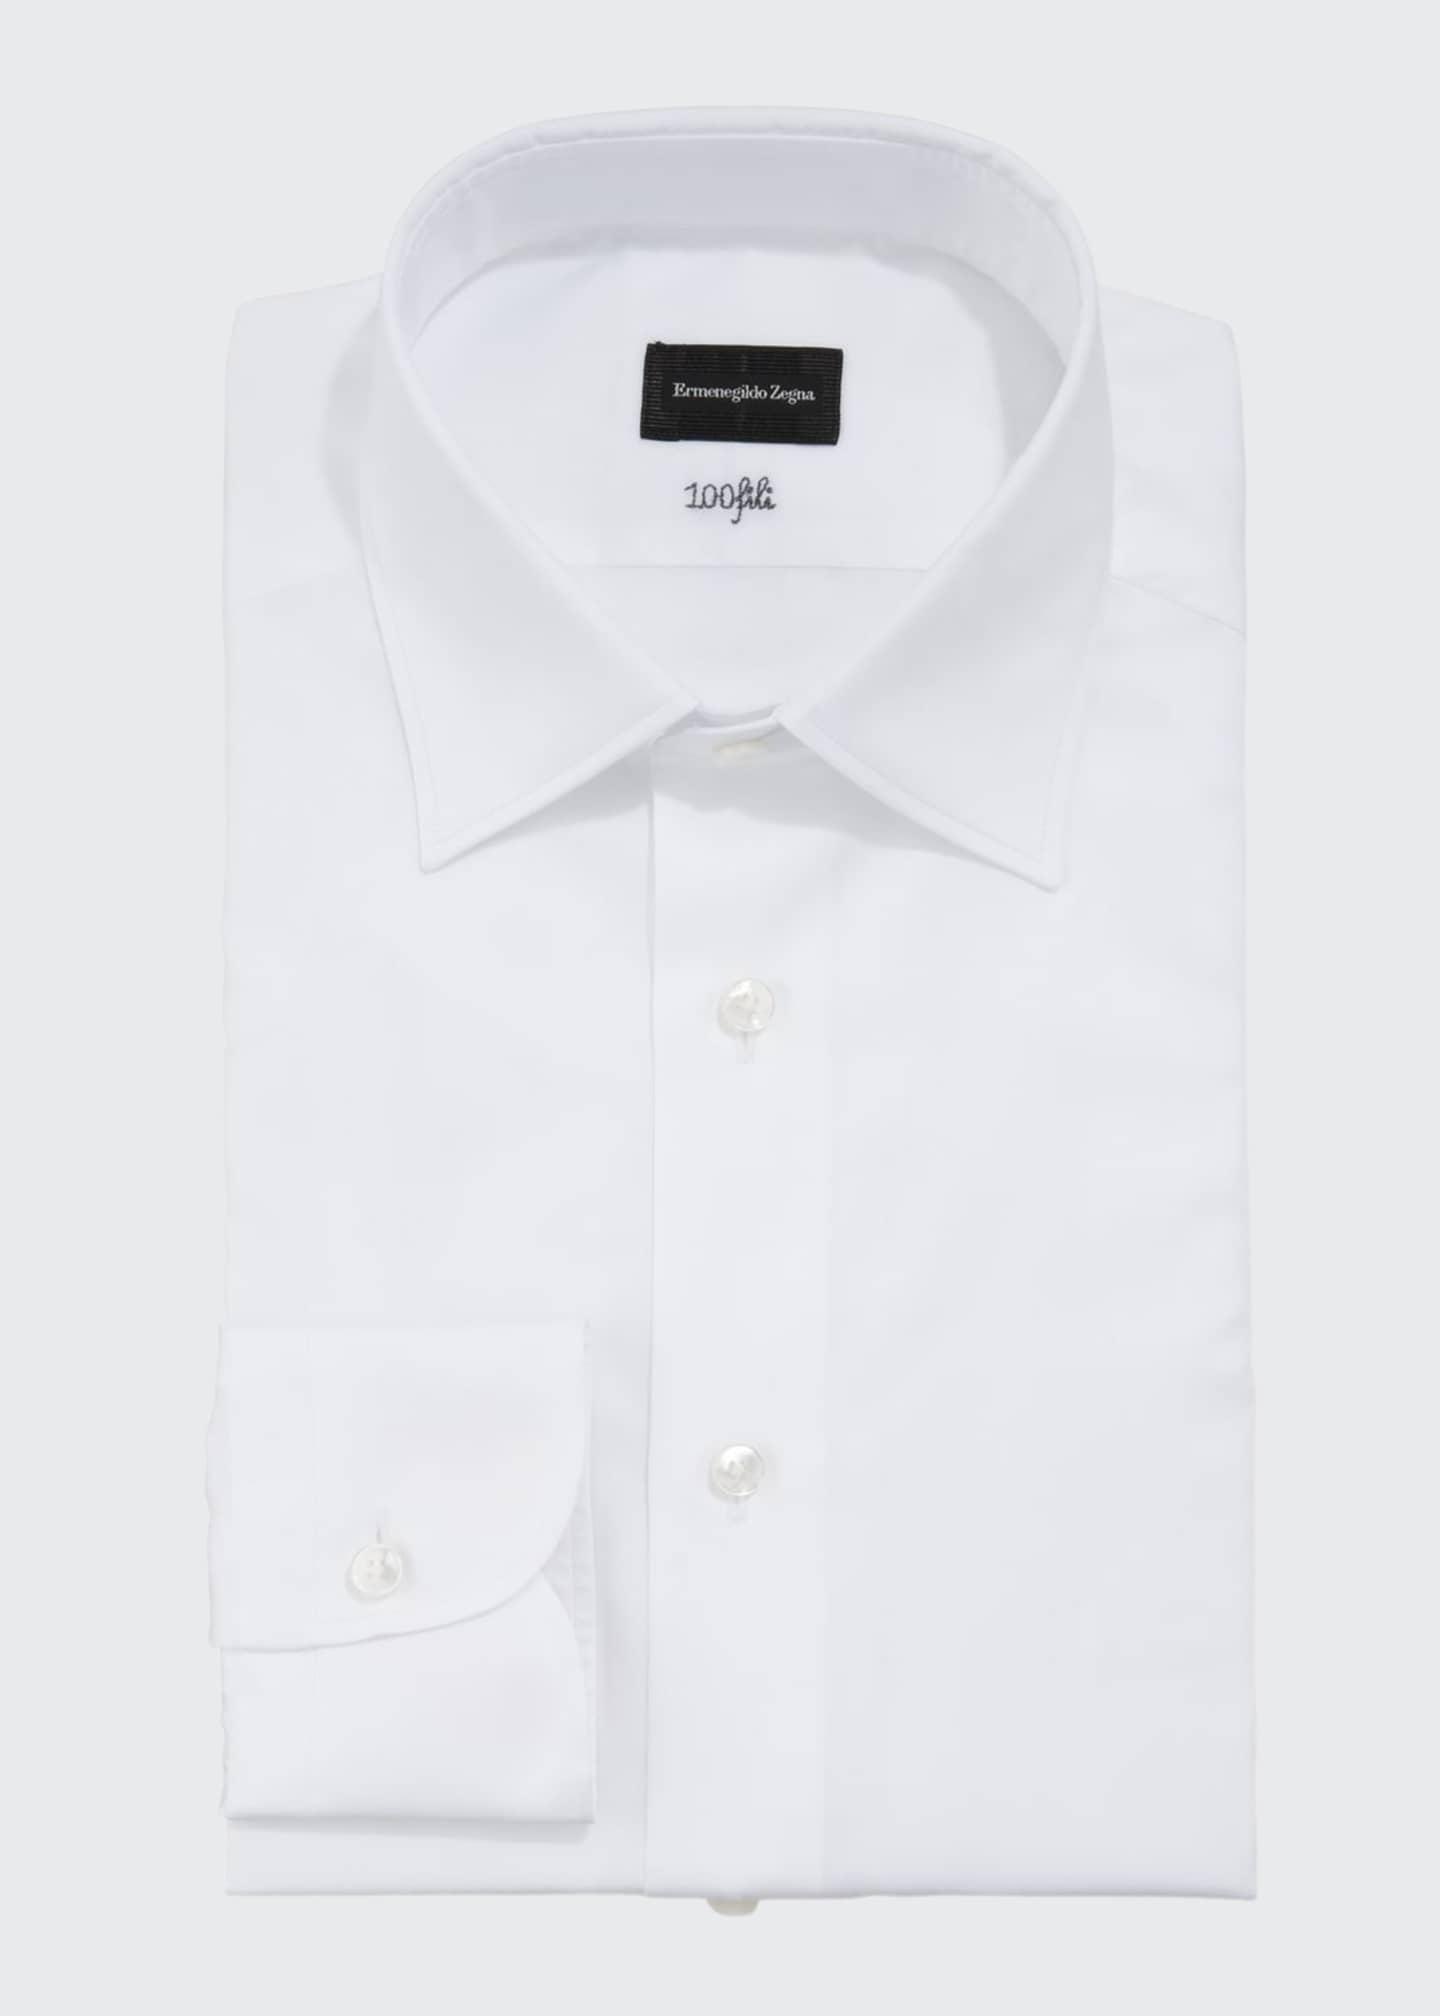 Ermenegildo Zegna Men's Solid Cento Fili Cotton Dress